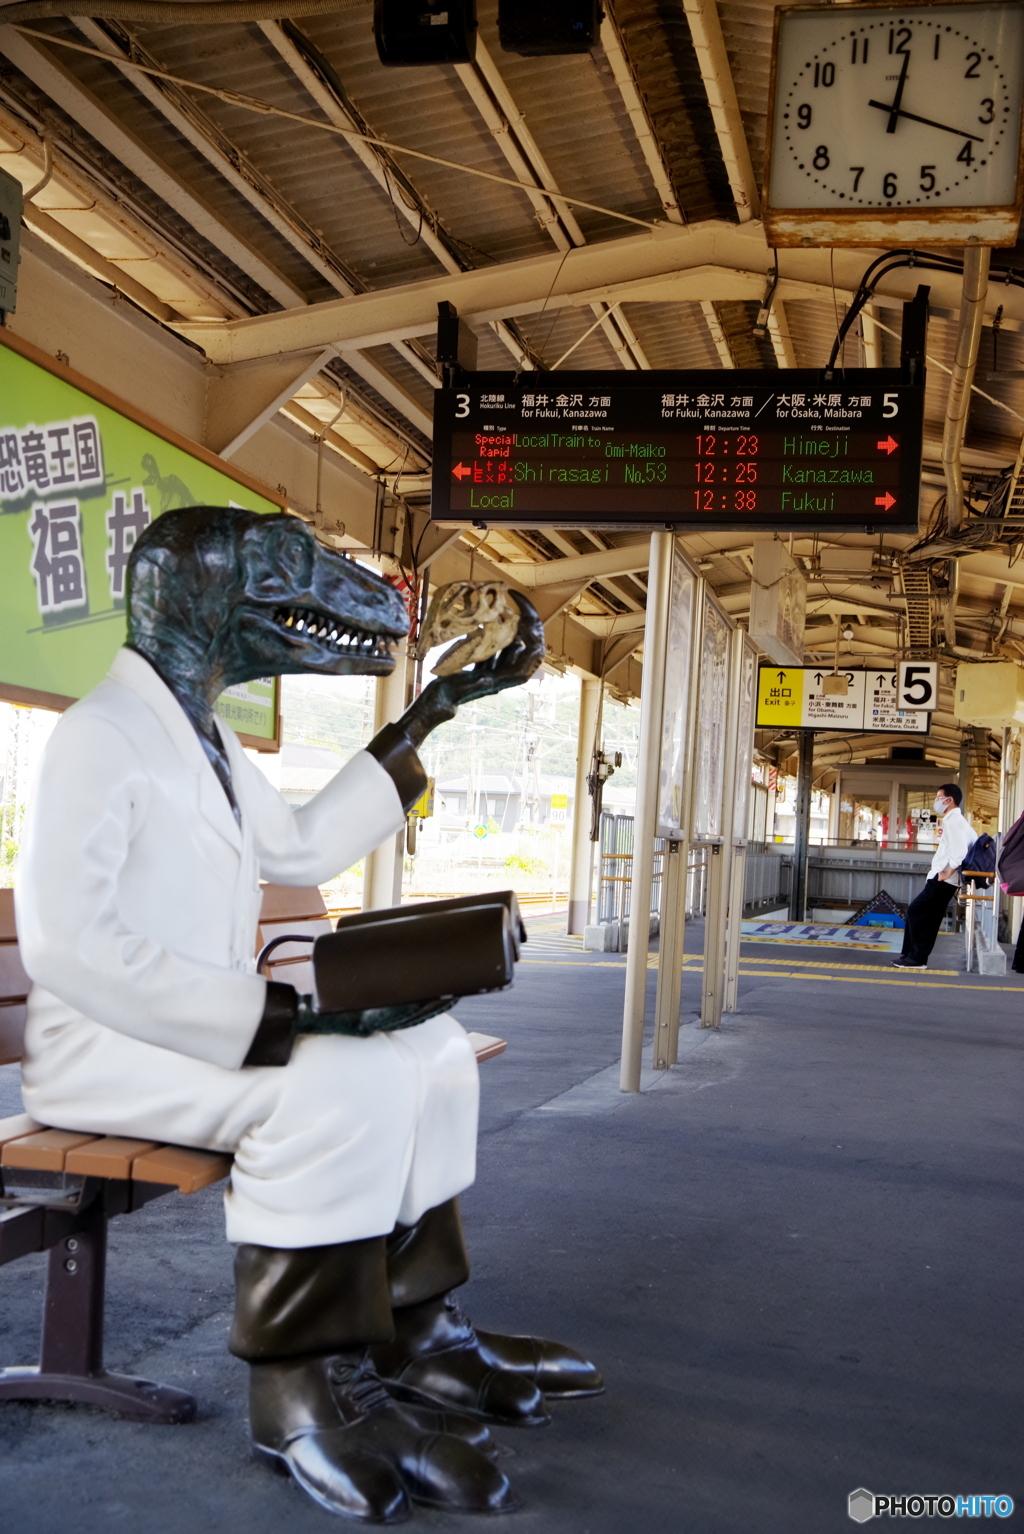 お久しぶり!あなたも電車待ち?